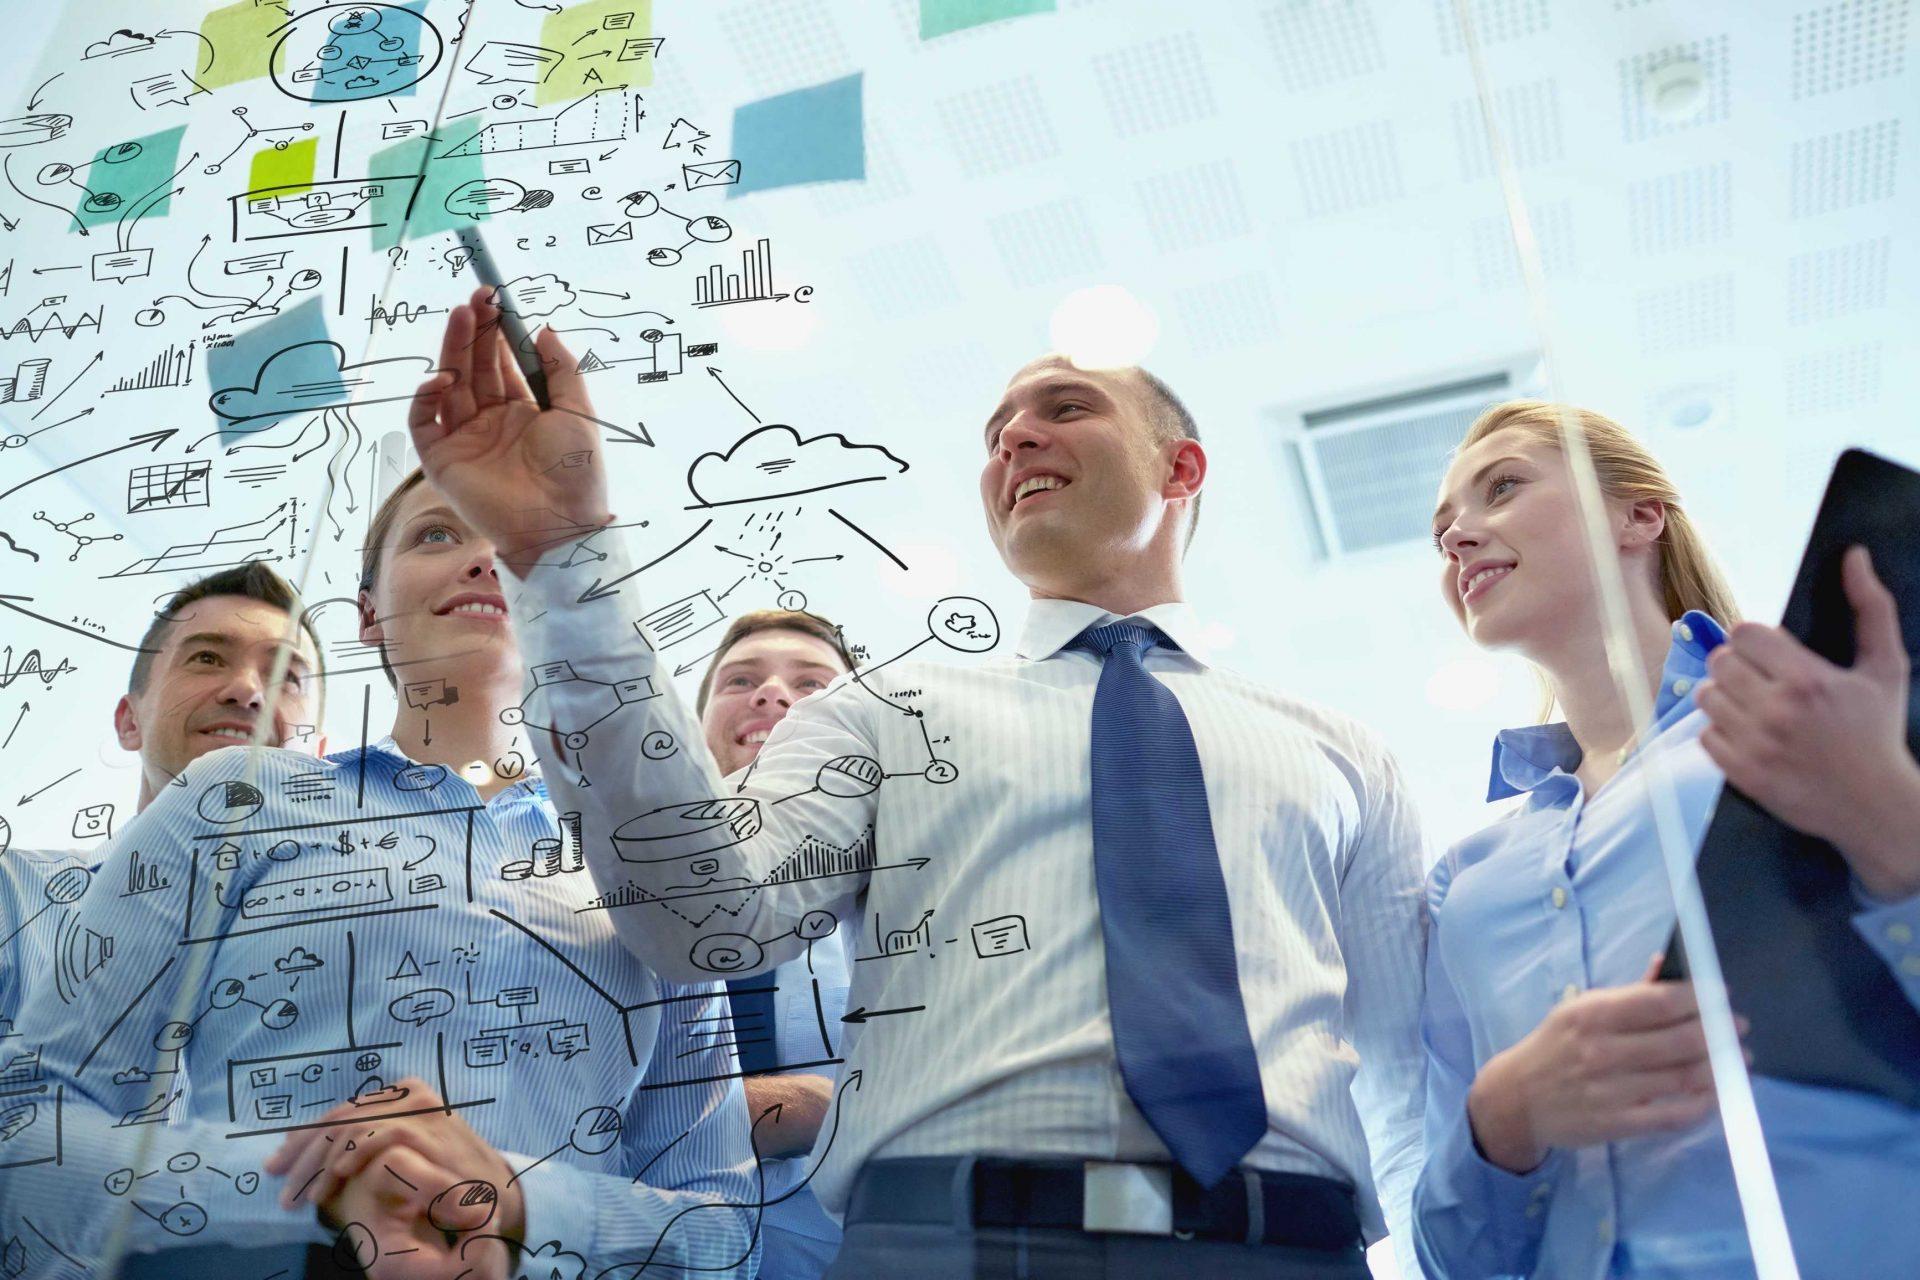 מהם הכישורים הנדרשים מבודק תוכנה מקצועי? חלק 1